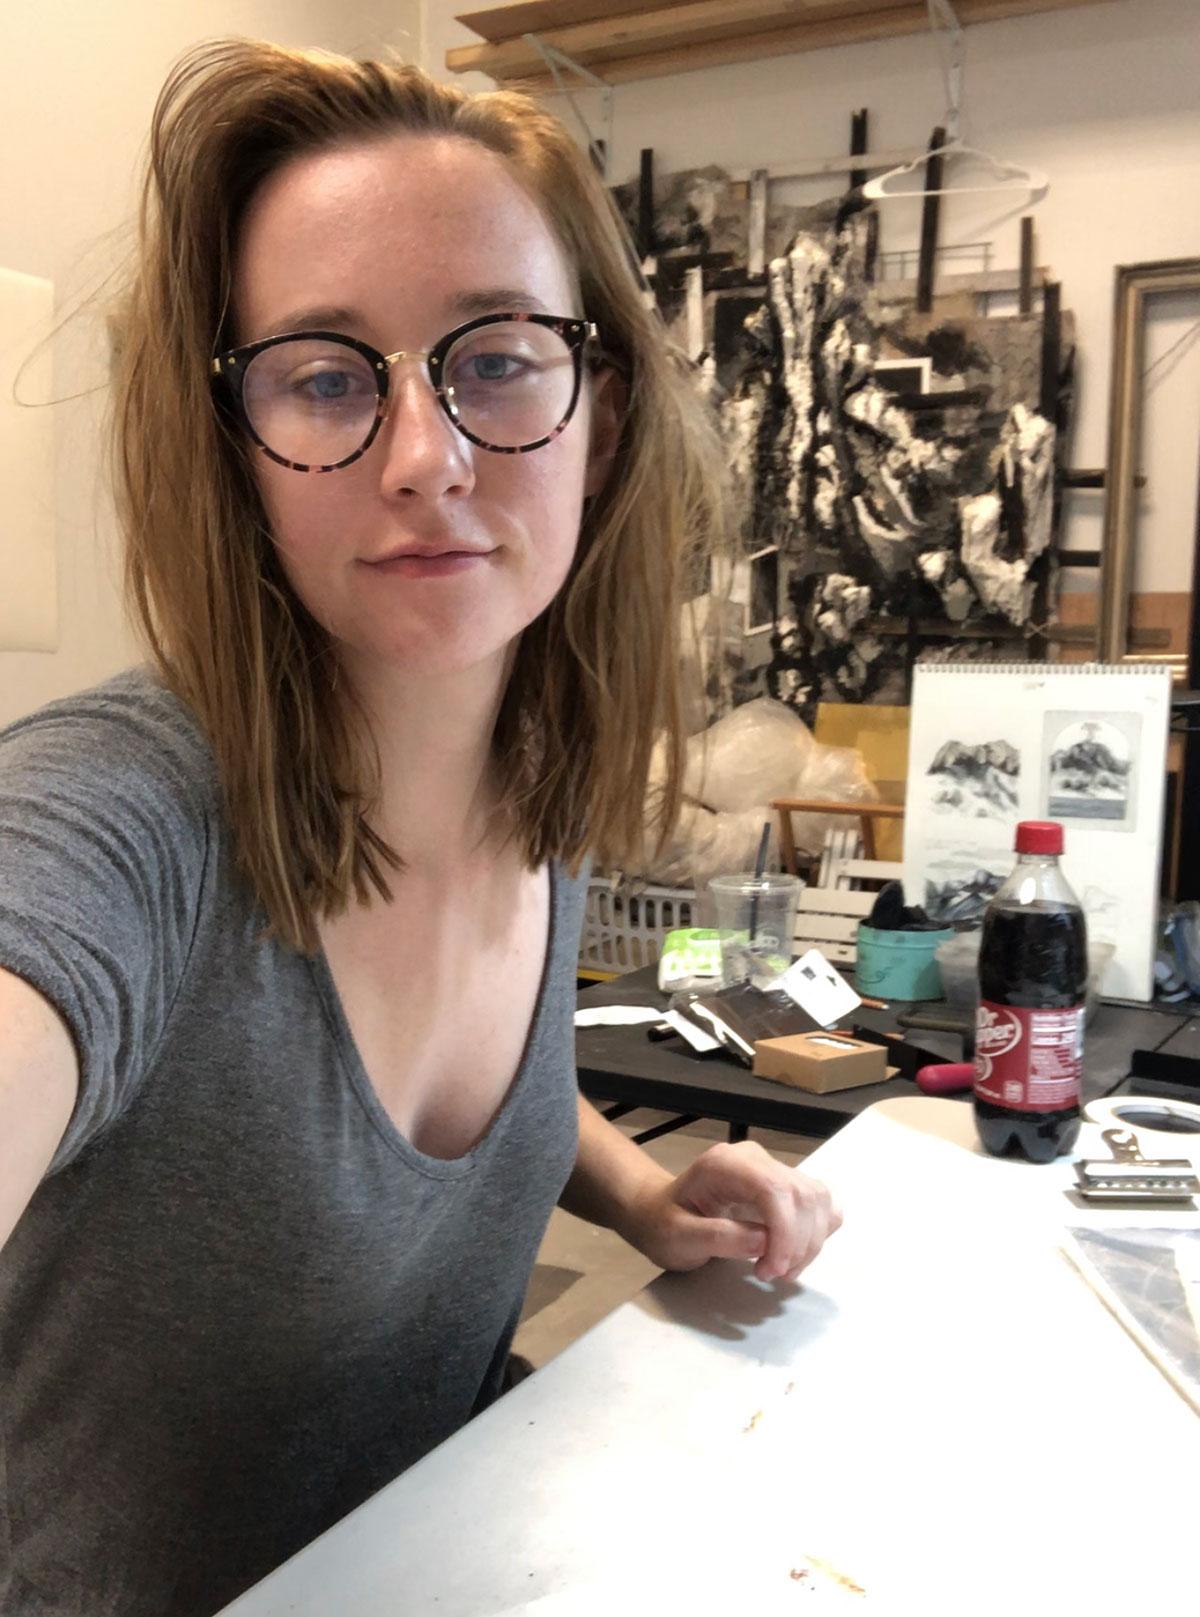 Taylor Bailey's Studio Tour